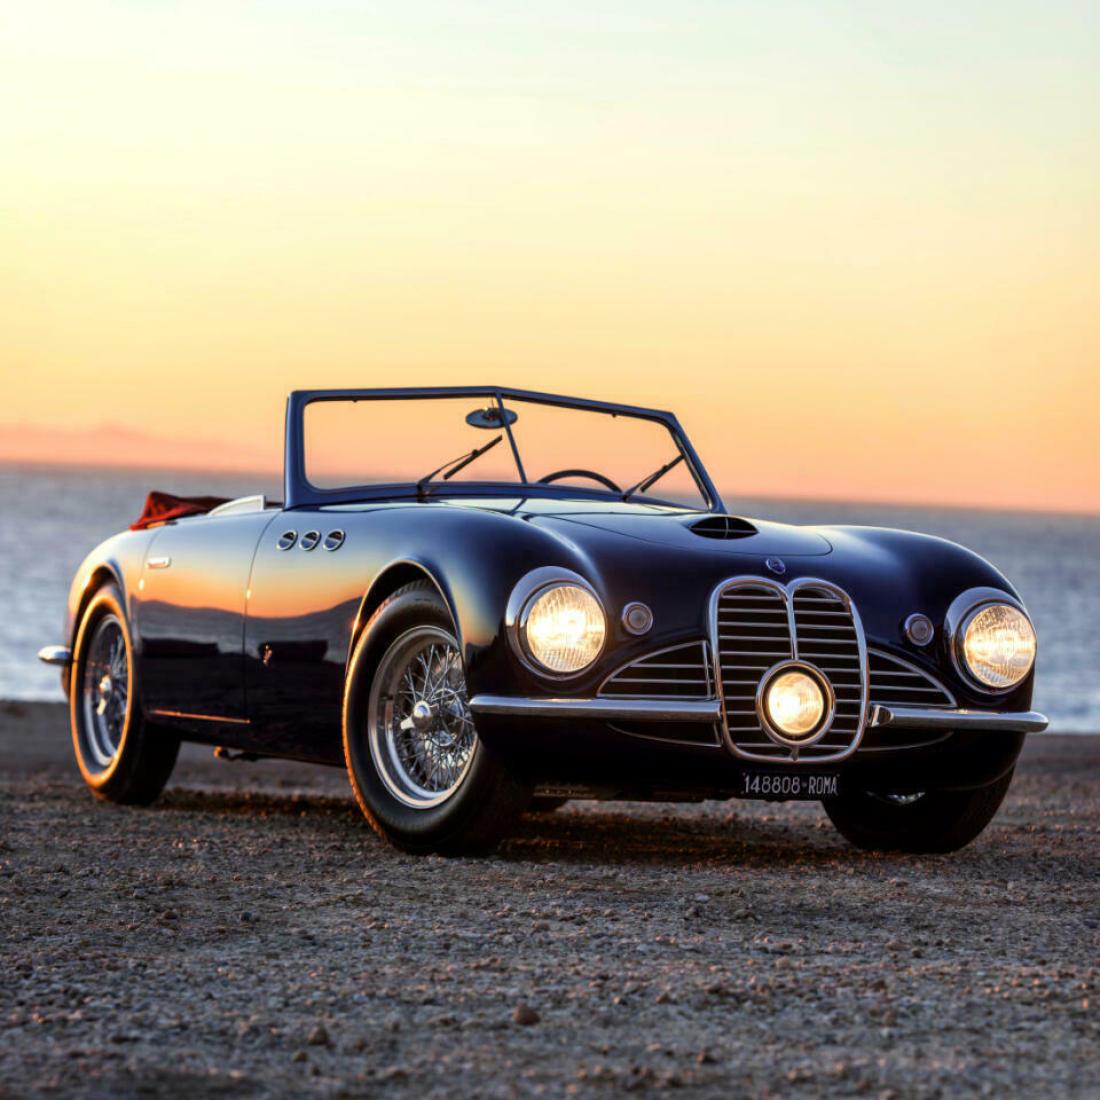 1951 Maserati Spyder A6G 2000 Spyder For Sale